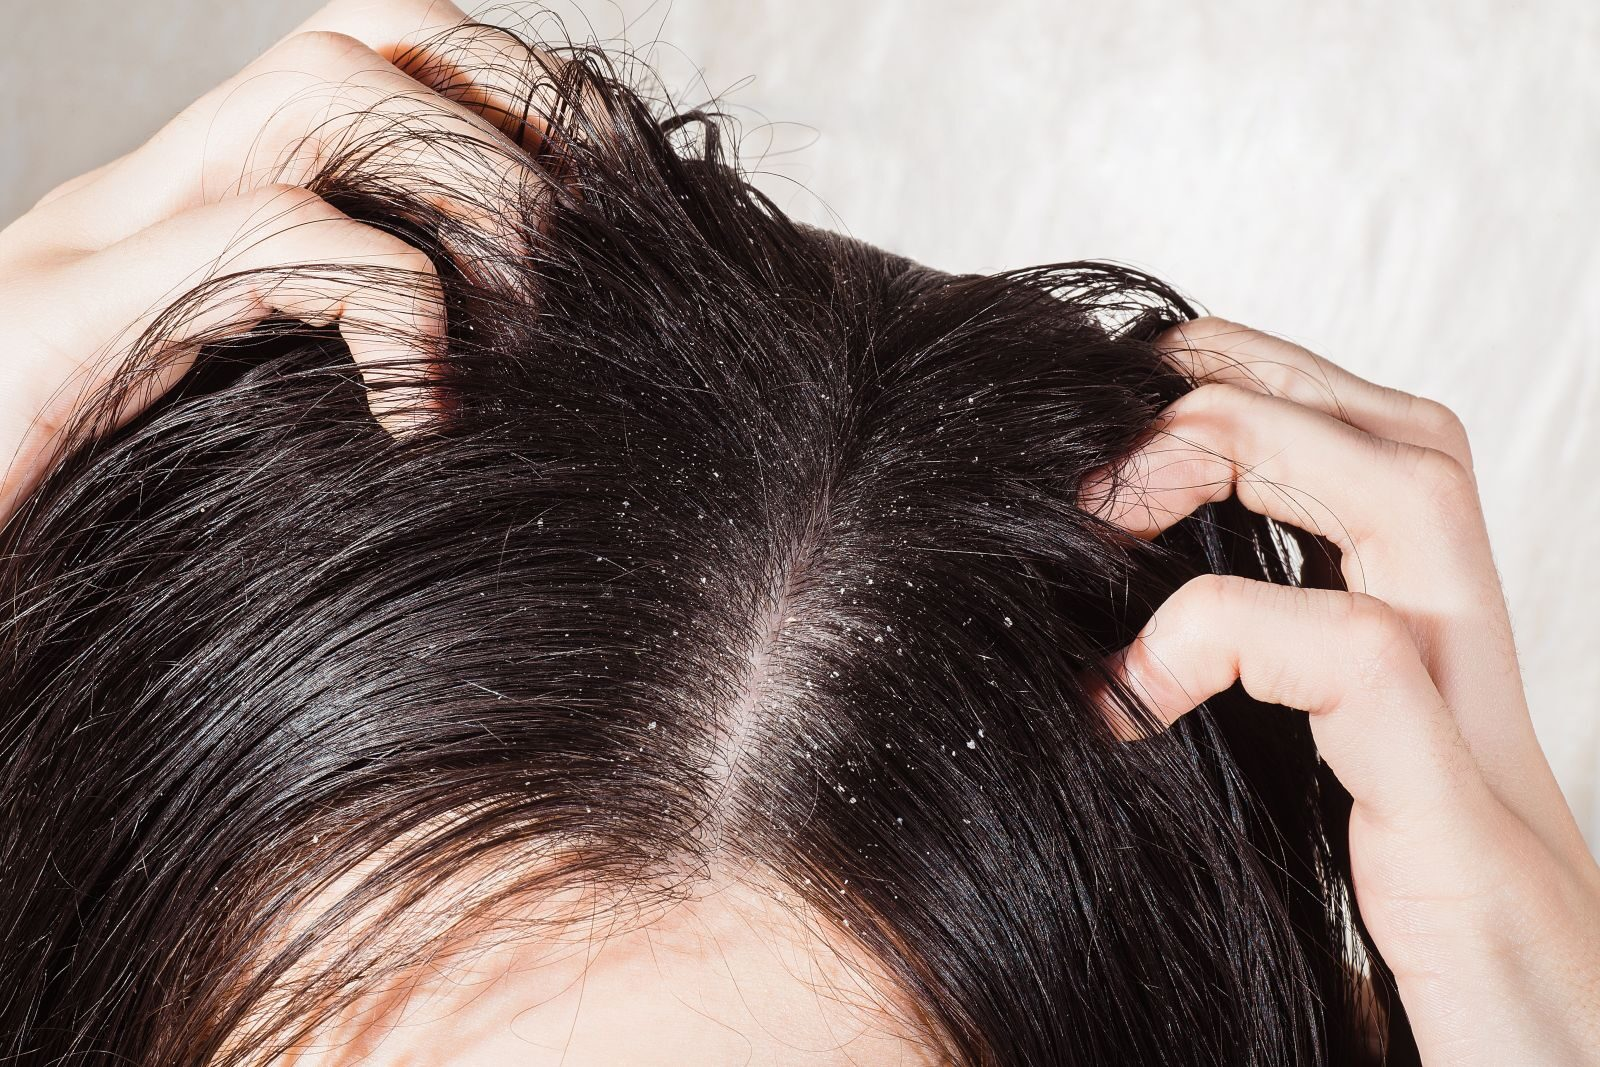 hogyan kezeljük a fejbőr pikkelysömörét a hajban)